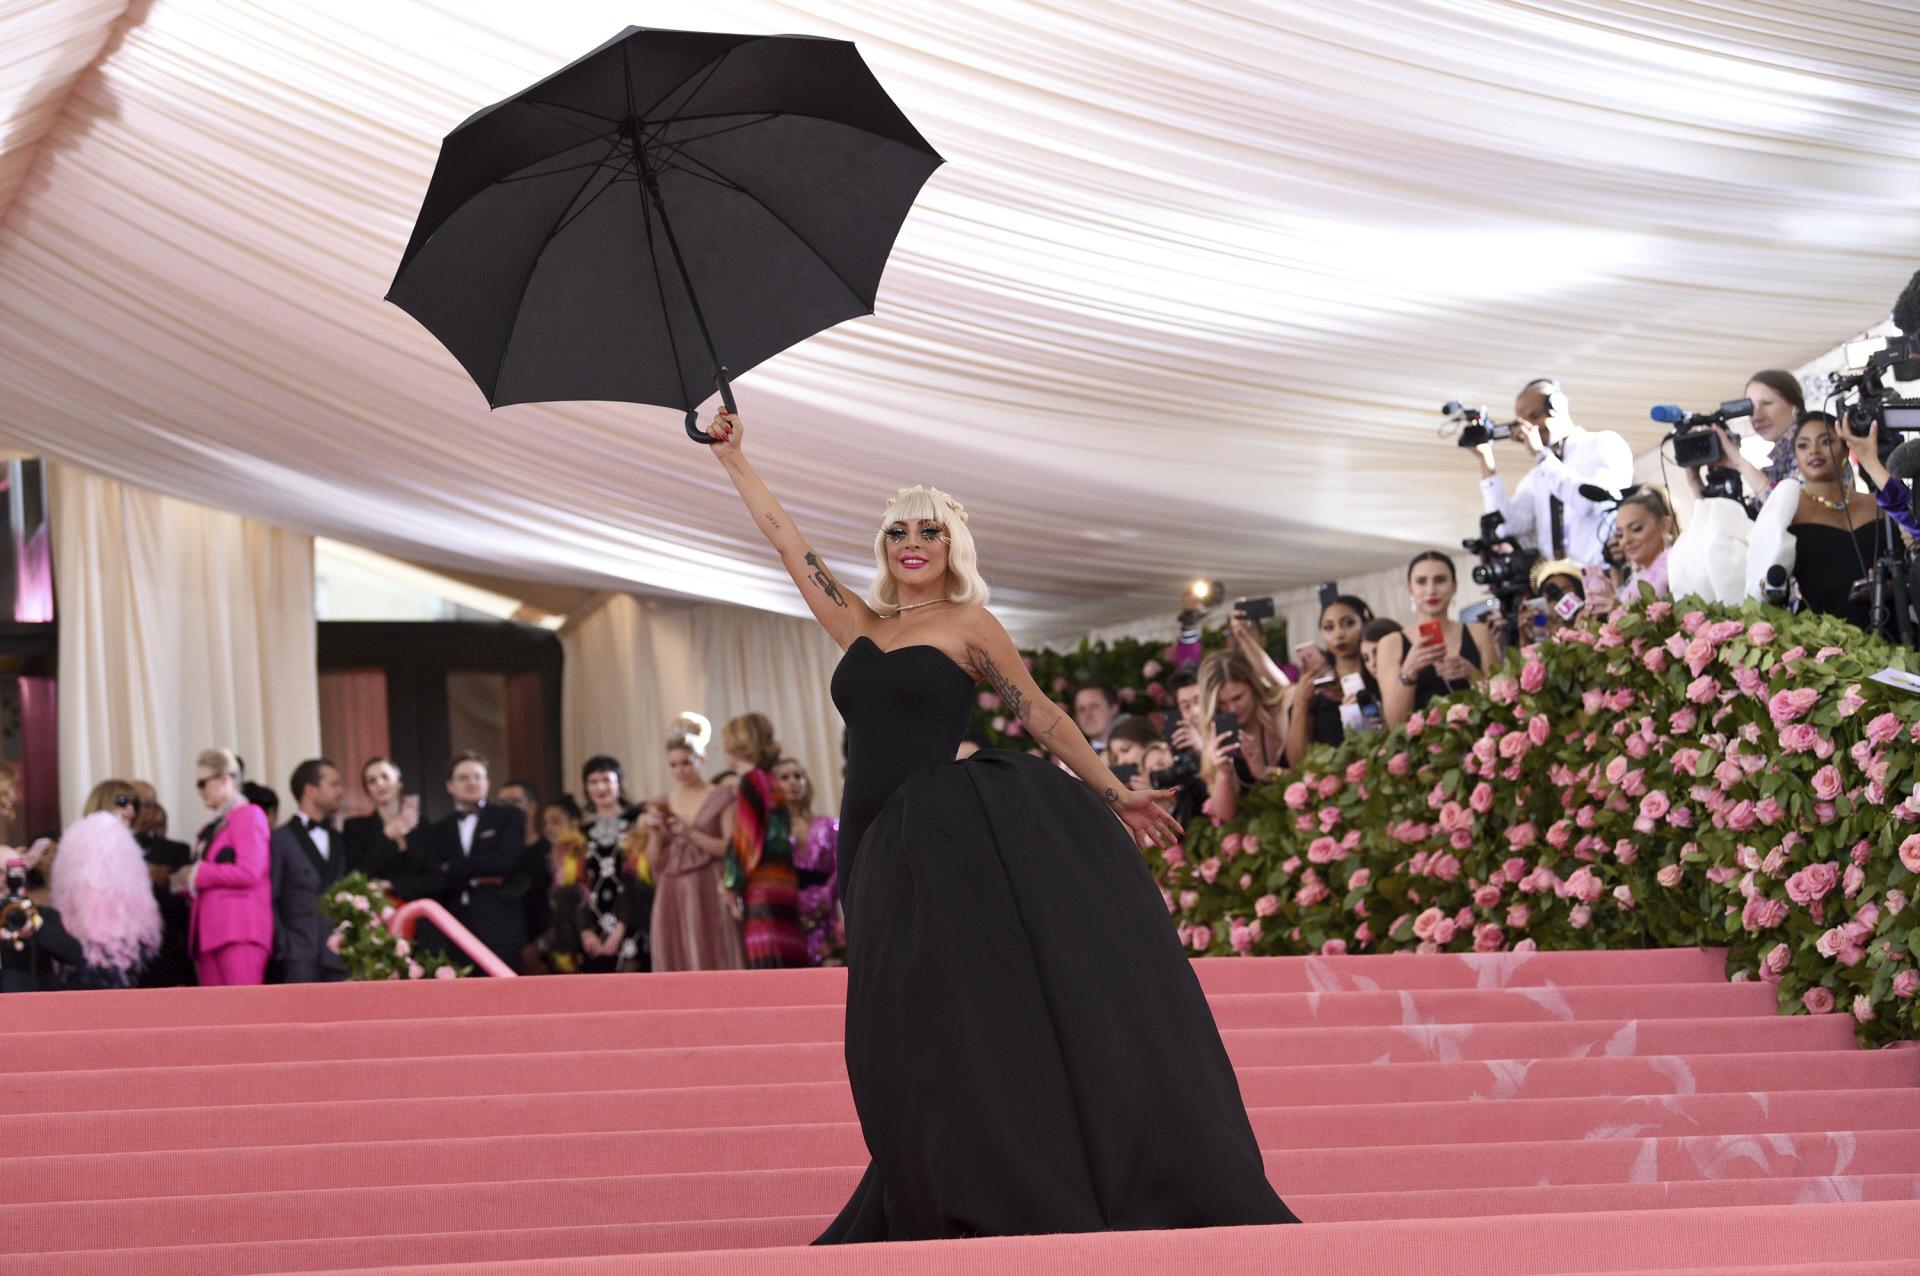 El segundo look de Lady Gaga: un vestido palabra de honor en negro con...